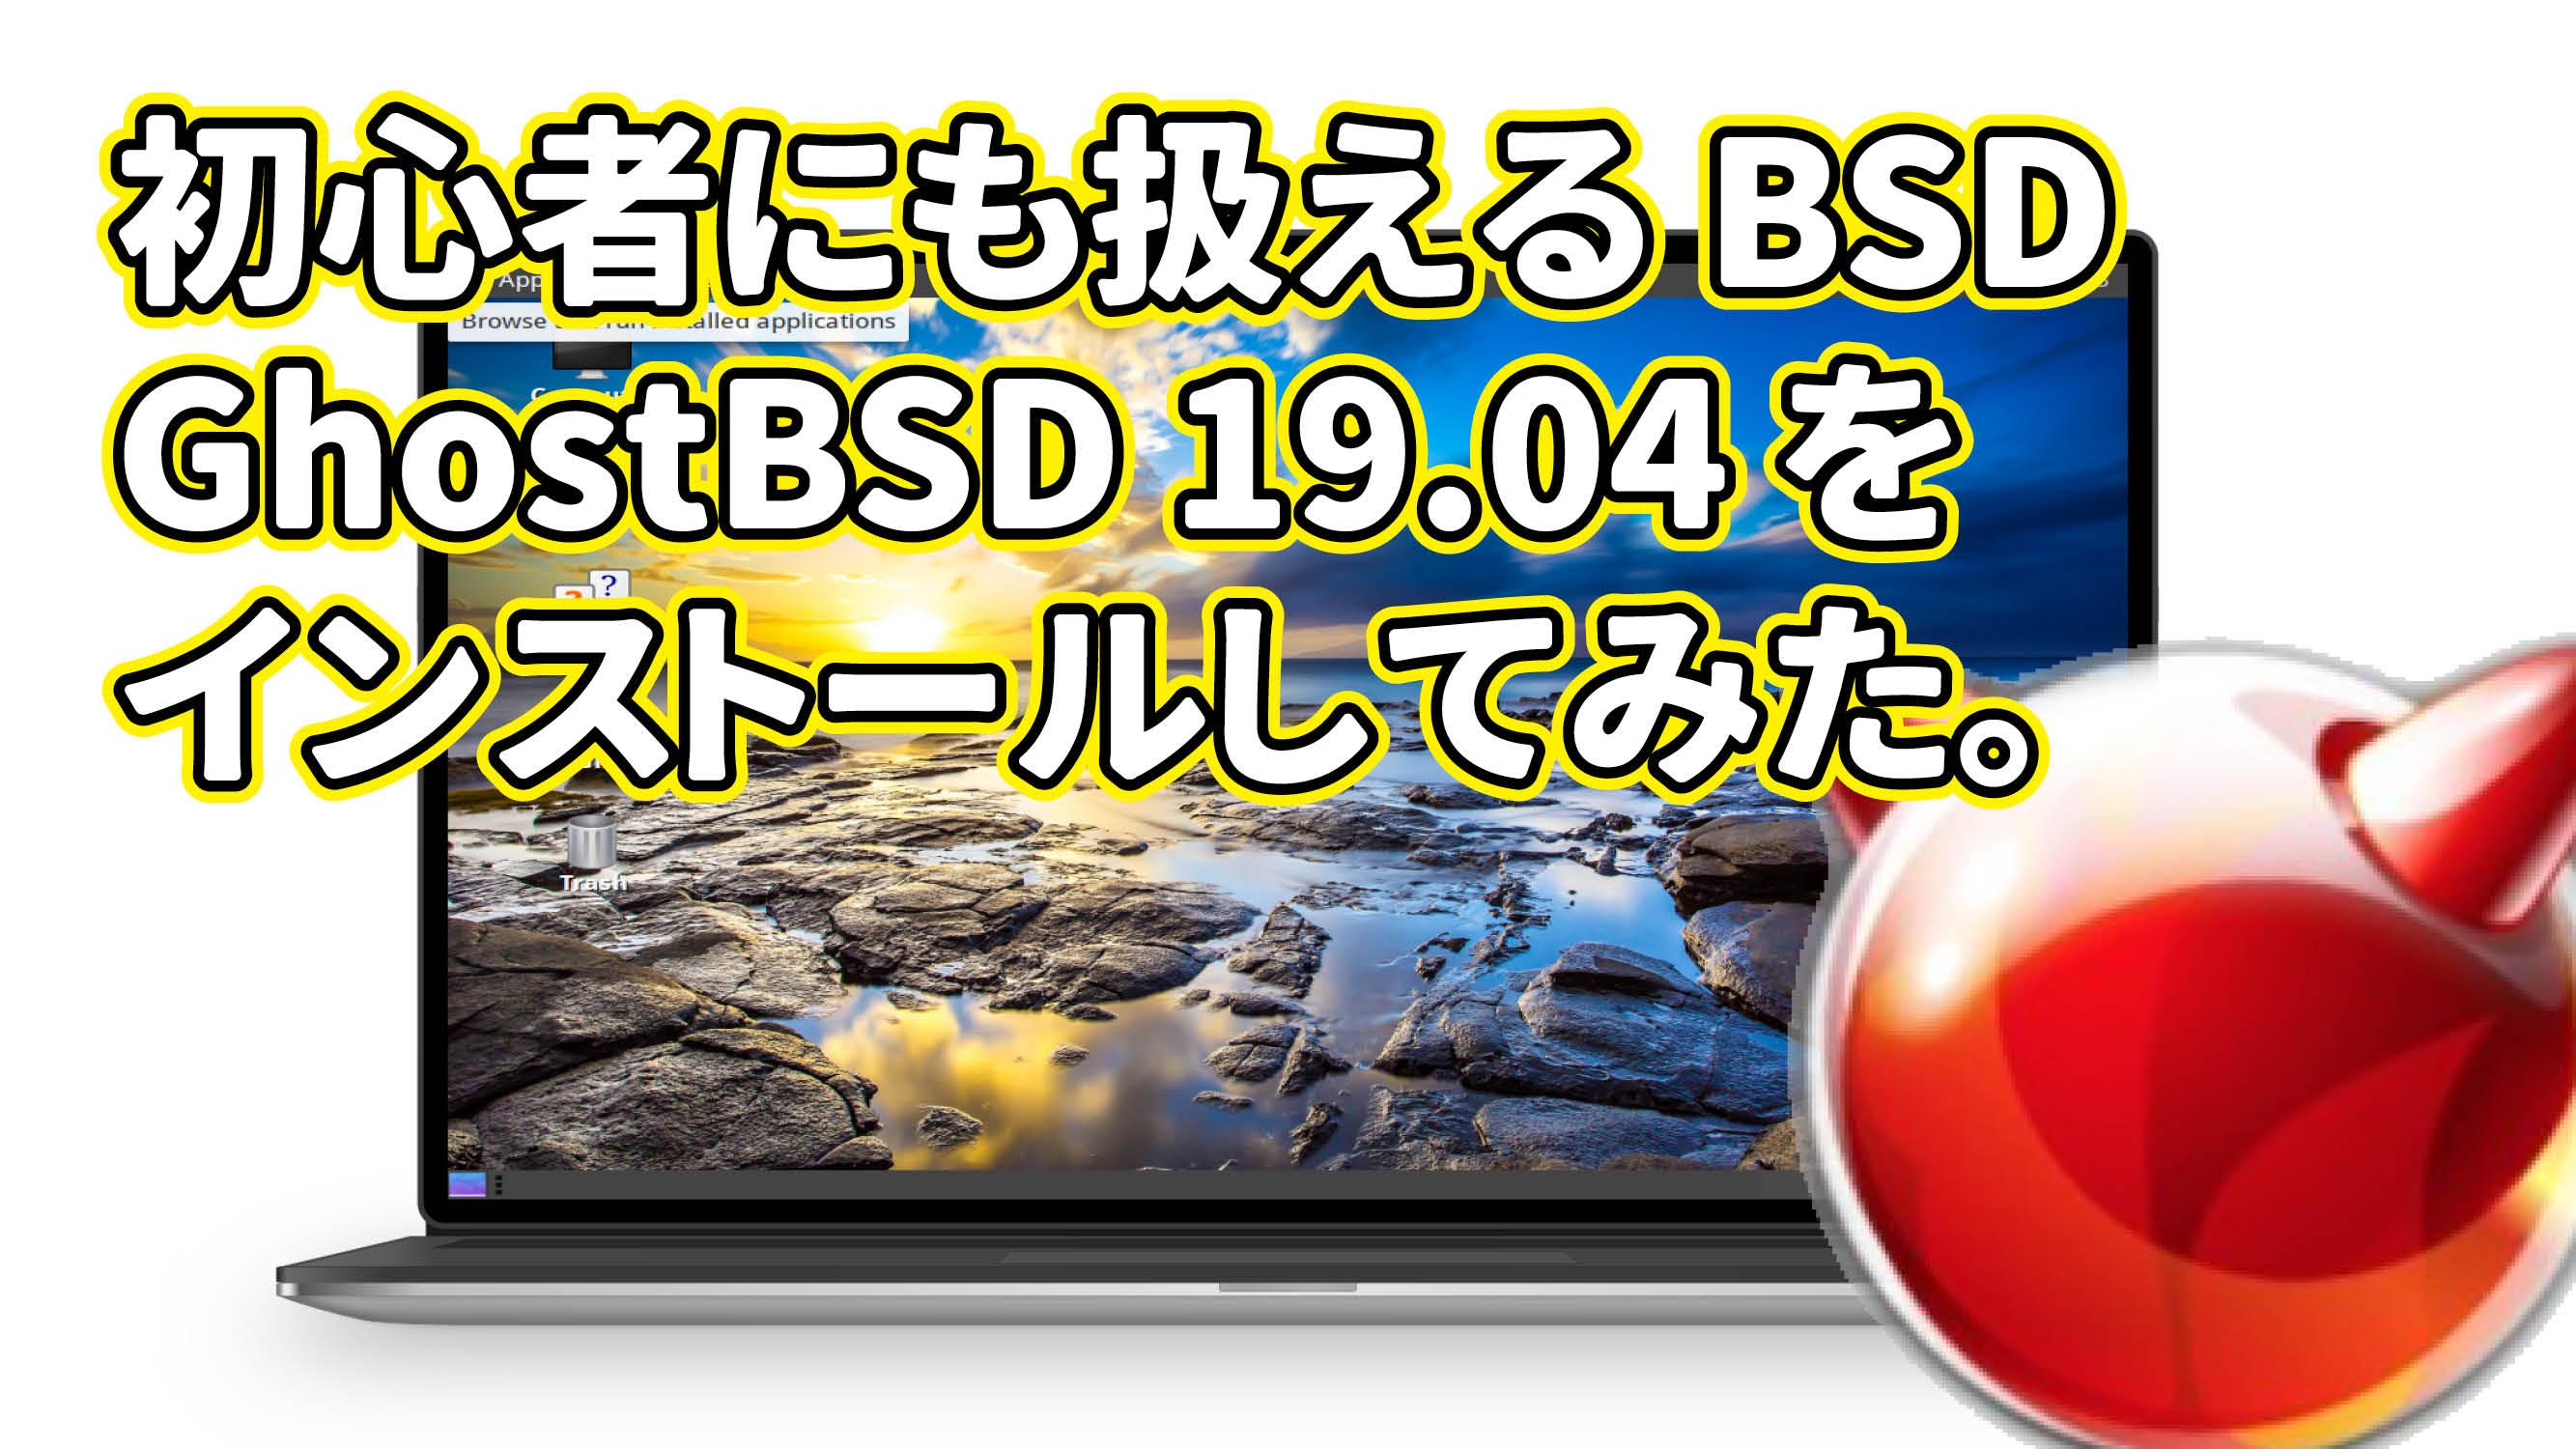 初心者にも扱えるBSD GhostBSD 19.04 を インストールしてみた。